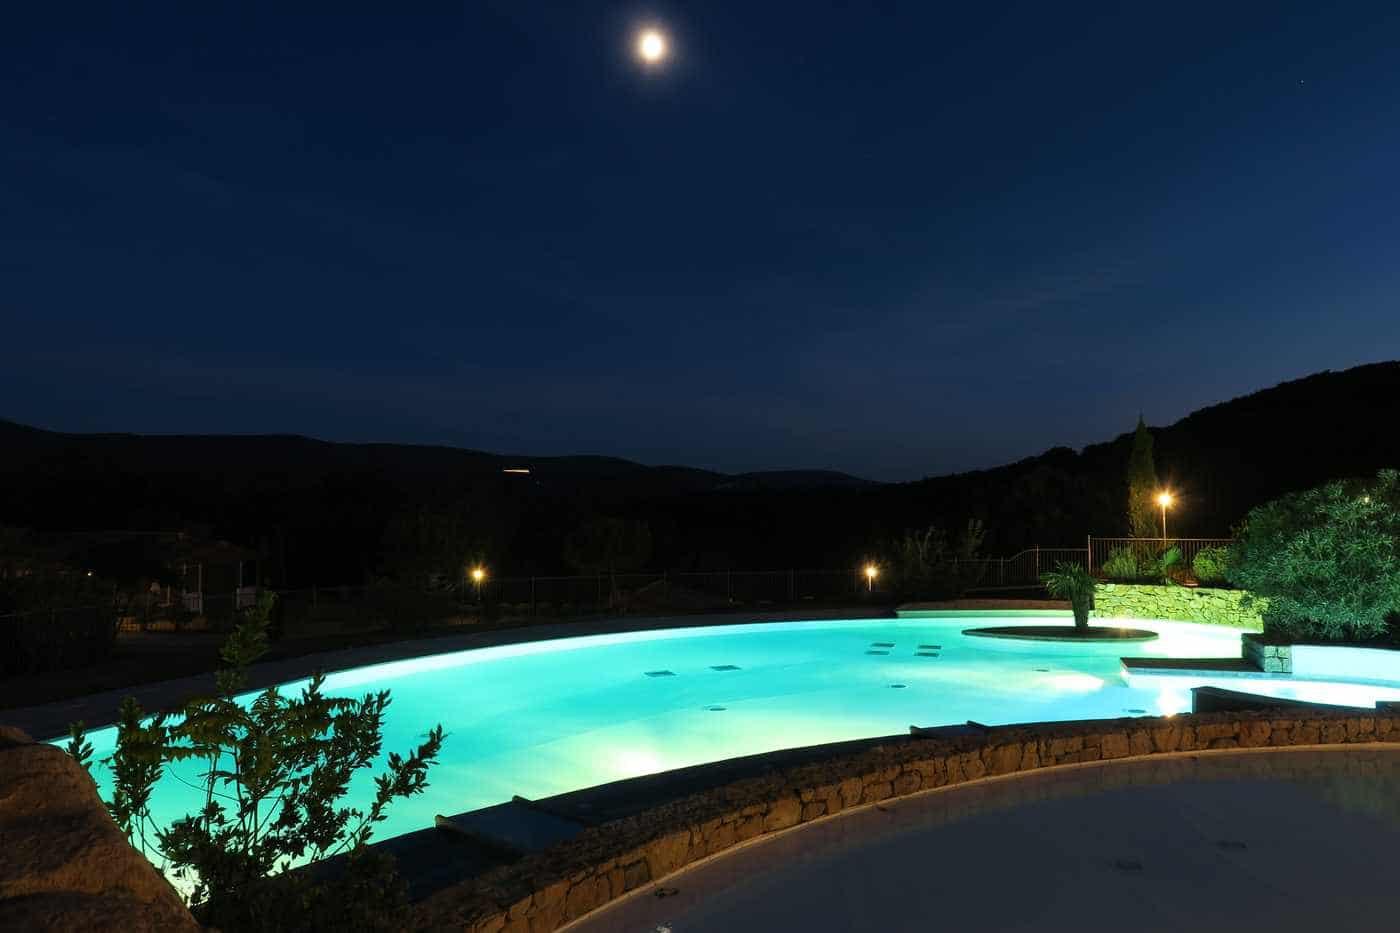 vue nuit du bassin de la piscine du camping en Ardèche